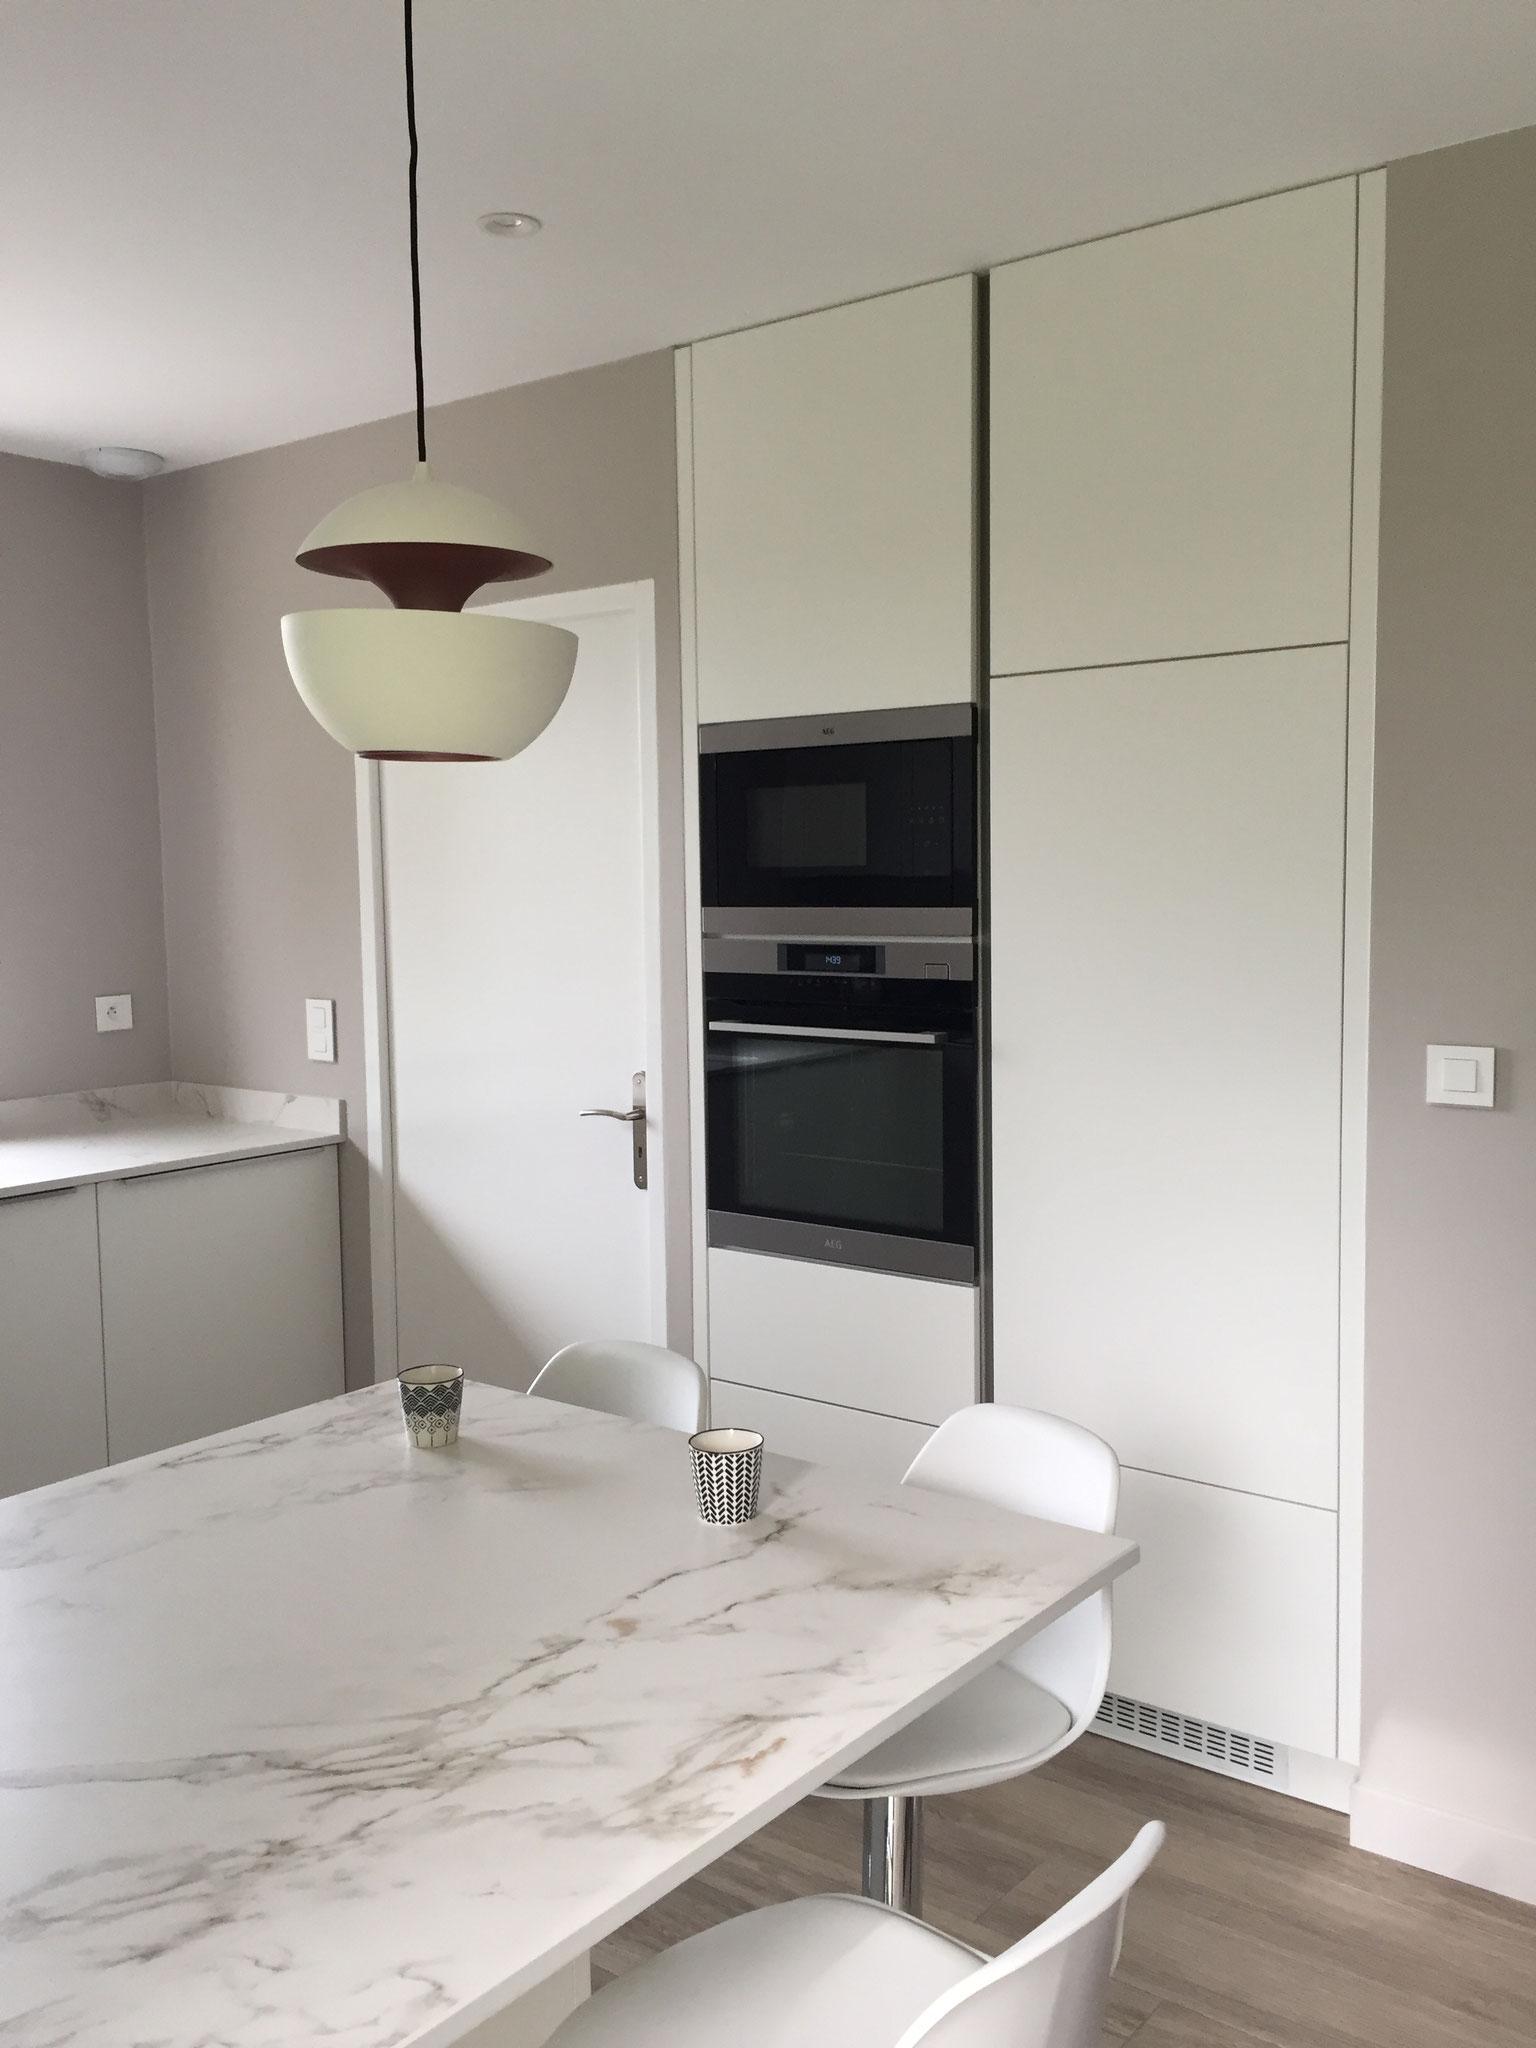 cuisine blanche design ouverte plan en DEKTON avec ilot  colonnes sans poignées et luminaires here come the sun